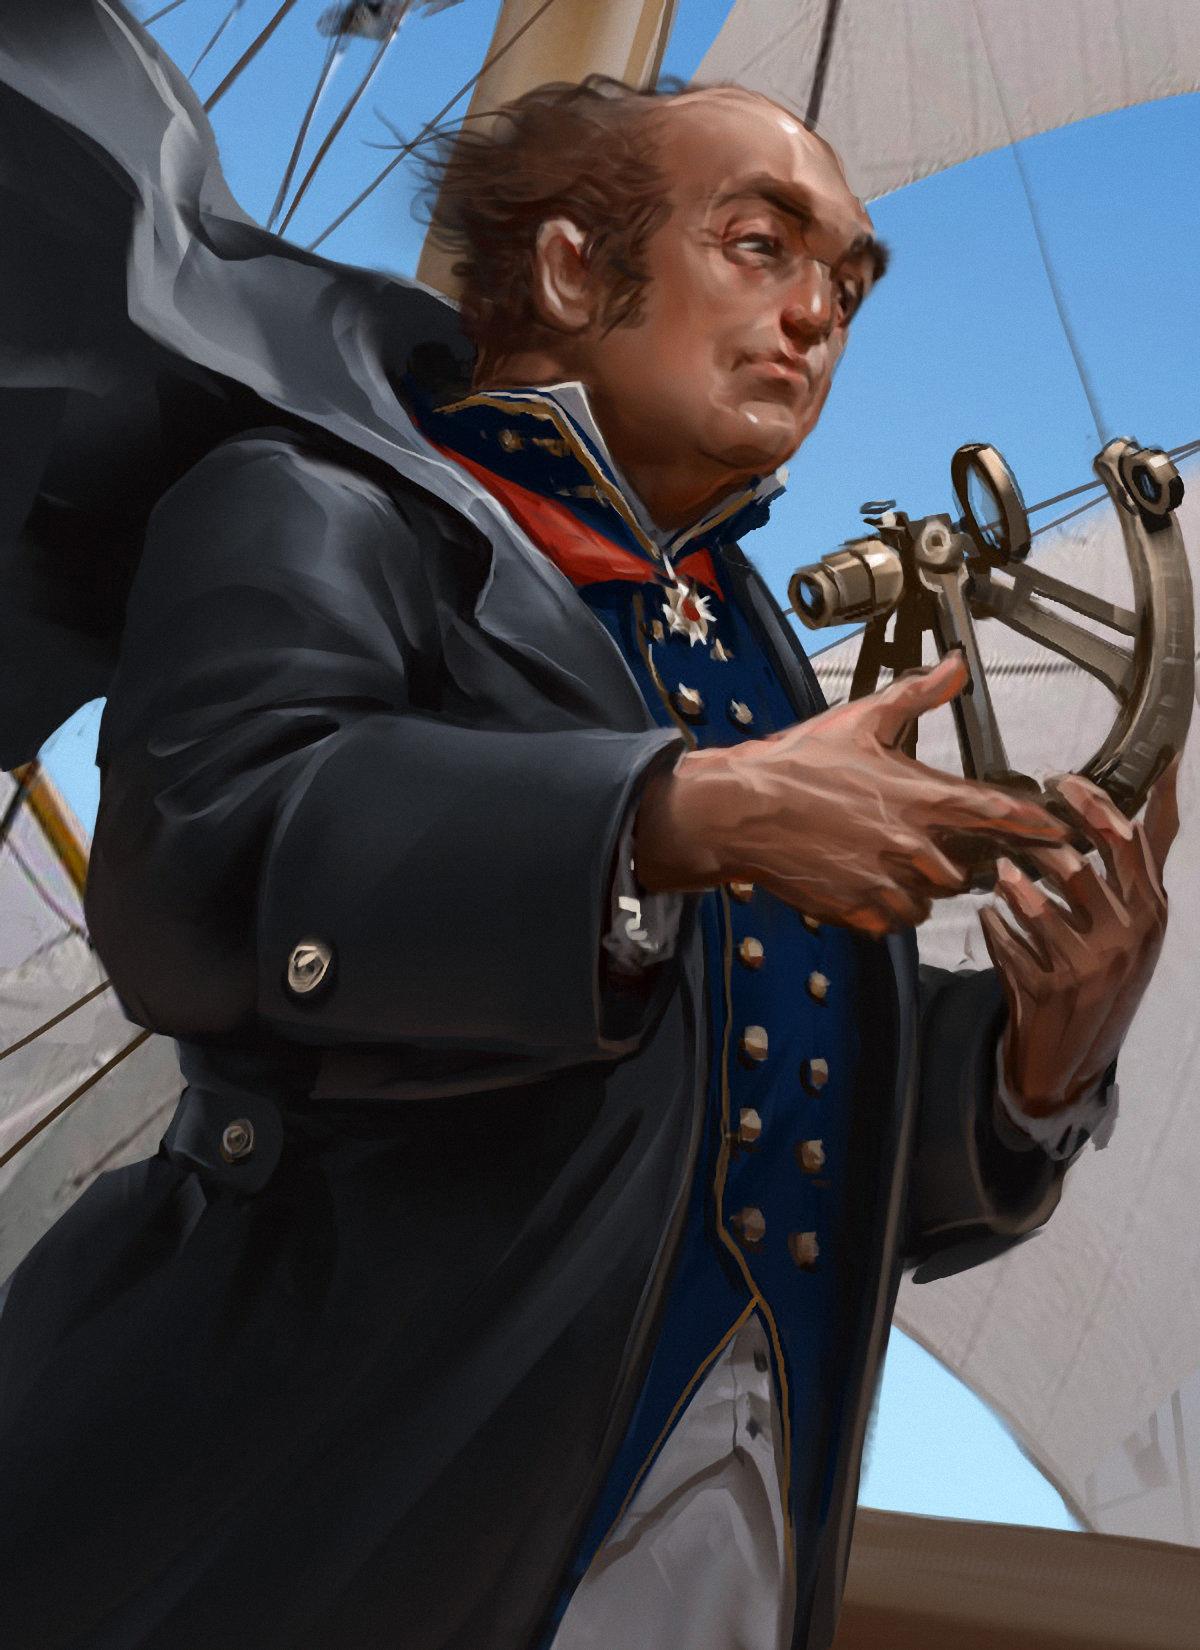 Sviatoslav gerasimchuk john franklin